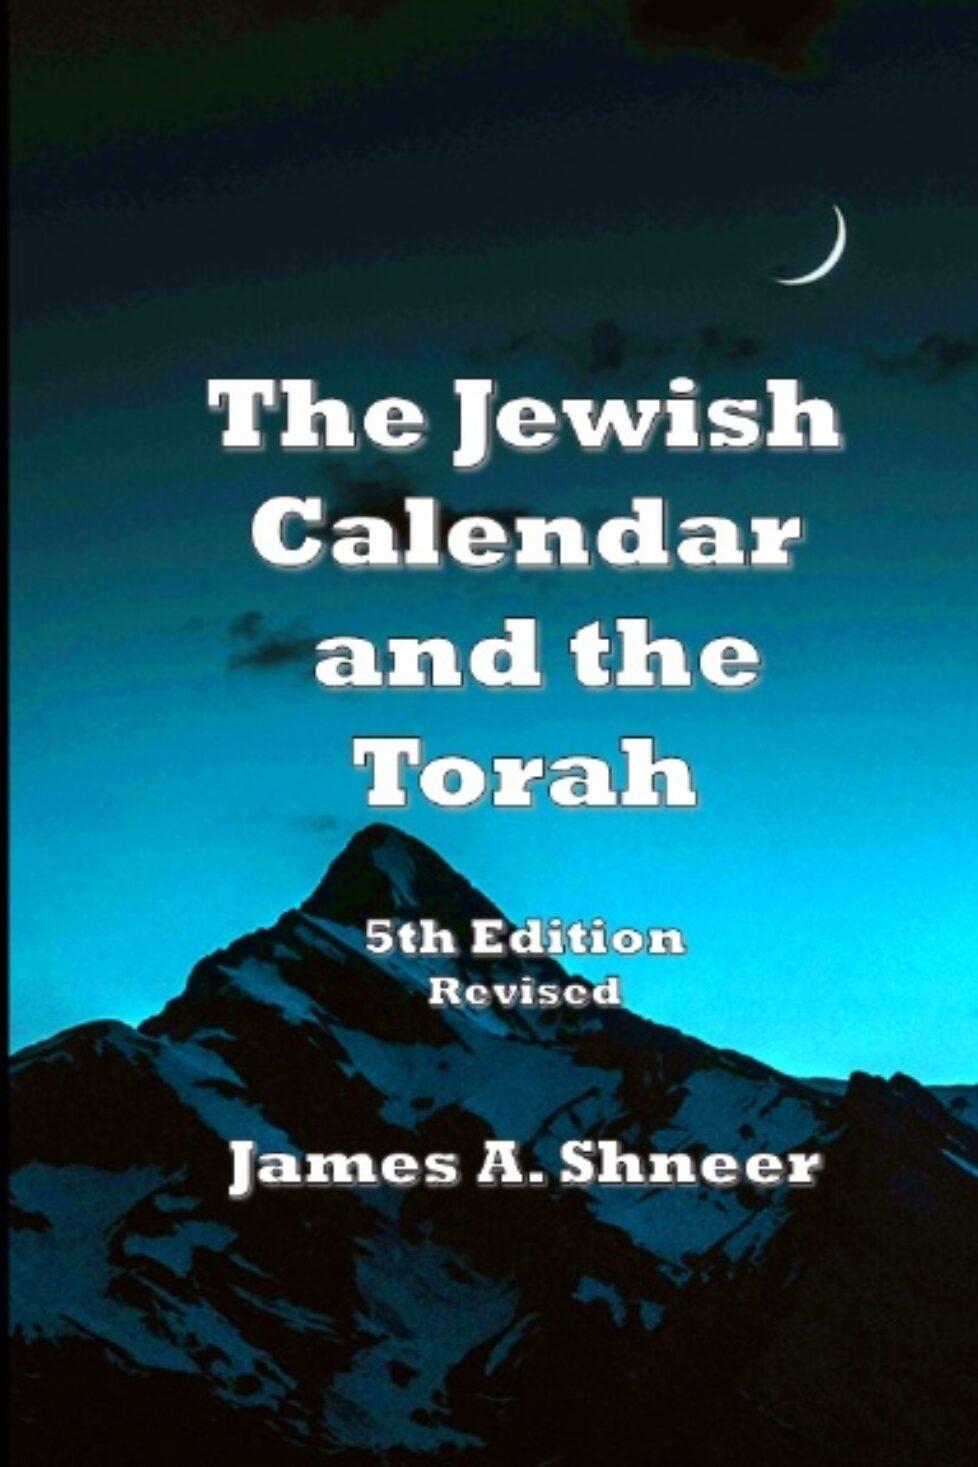 The Jewish Calendar and the Torah